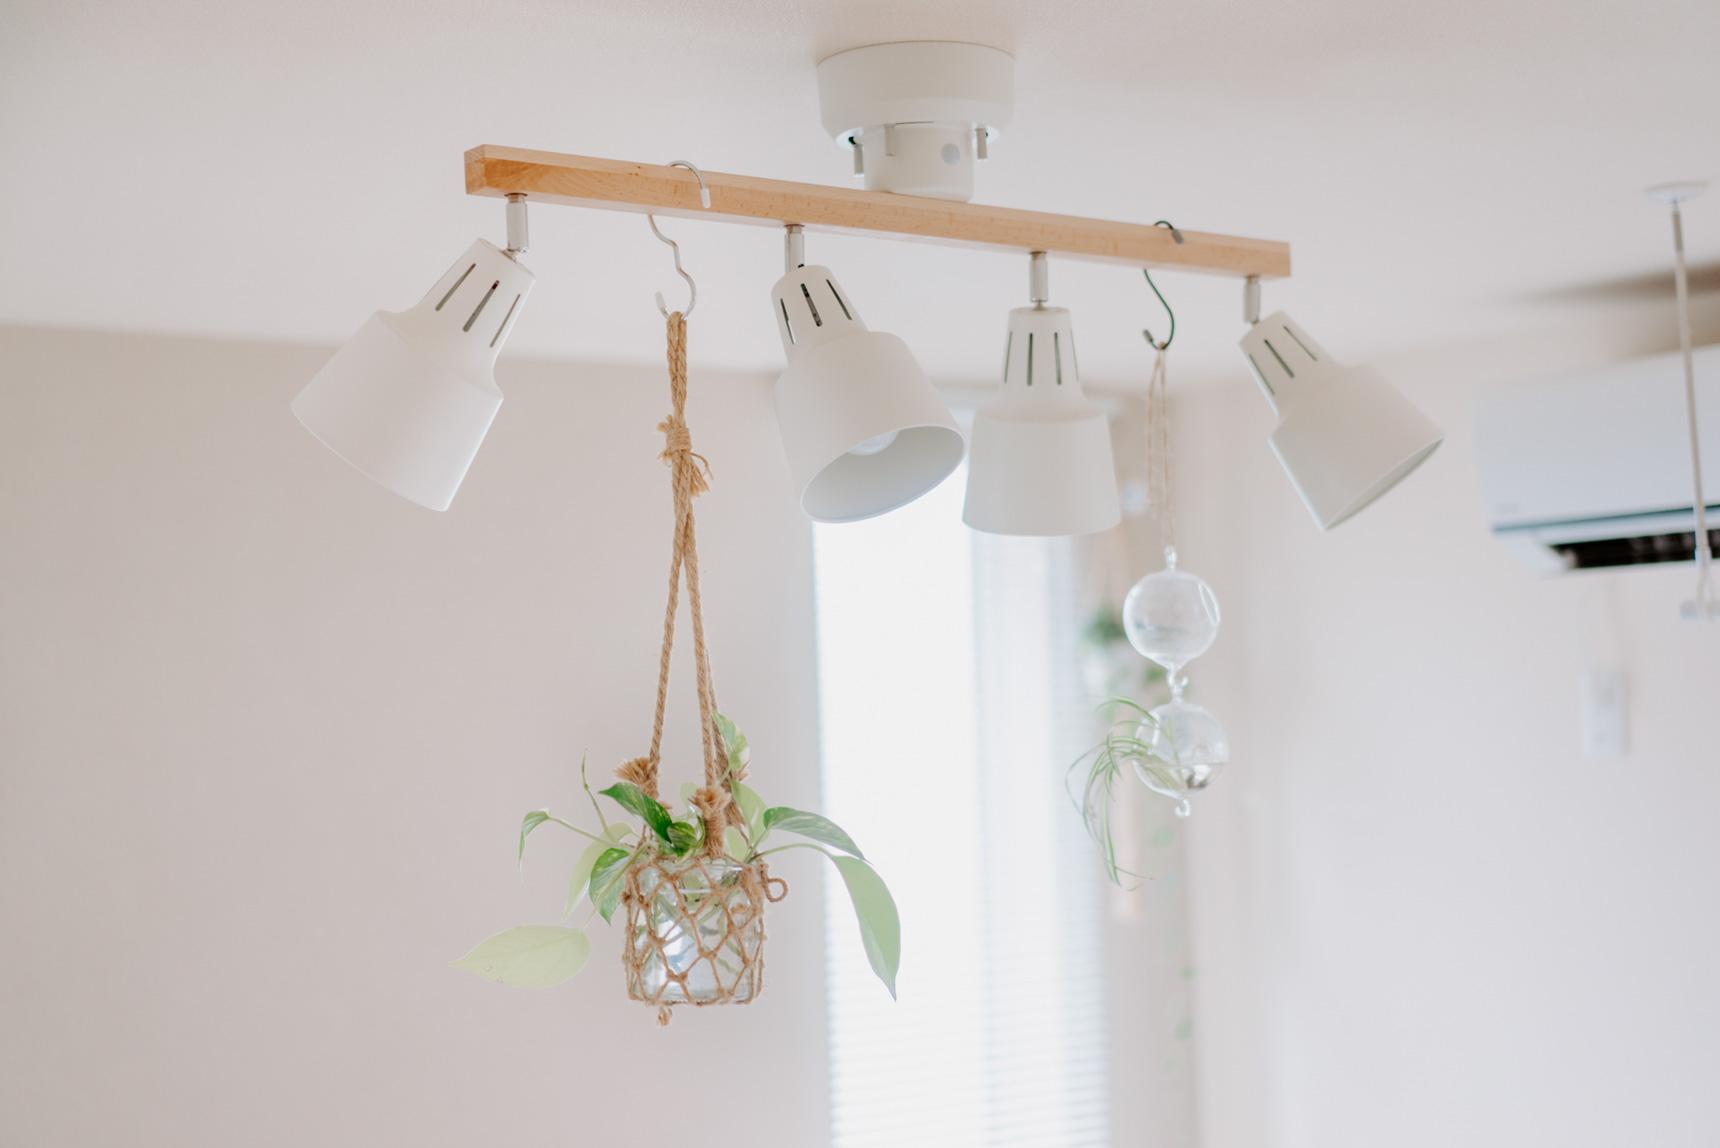 賃貸でも天井から植物を吊るす場所が作れるように、照明はあえて幅のあるスポットライトを選びました。